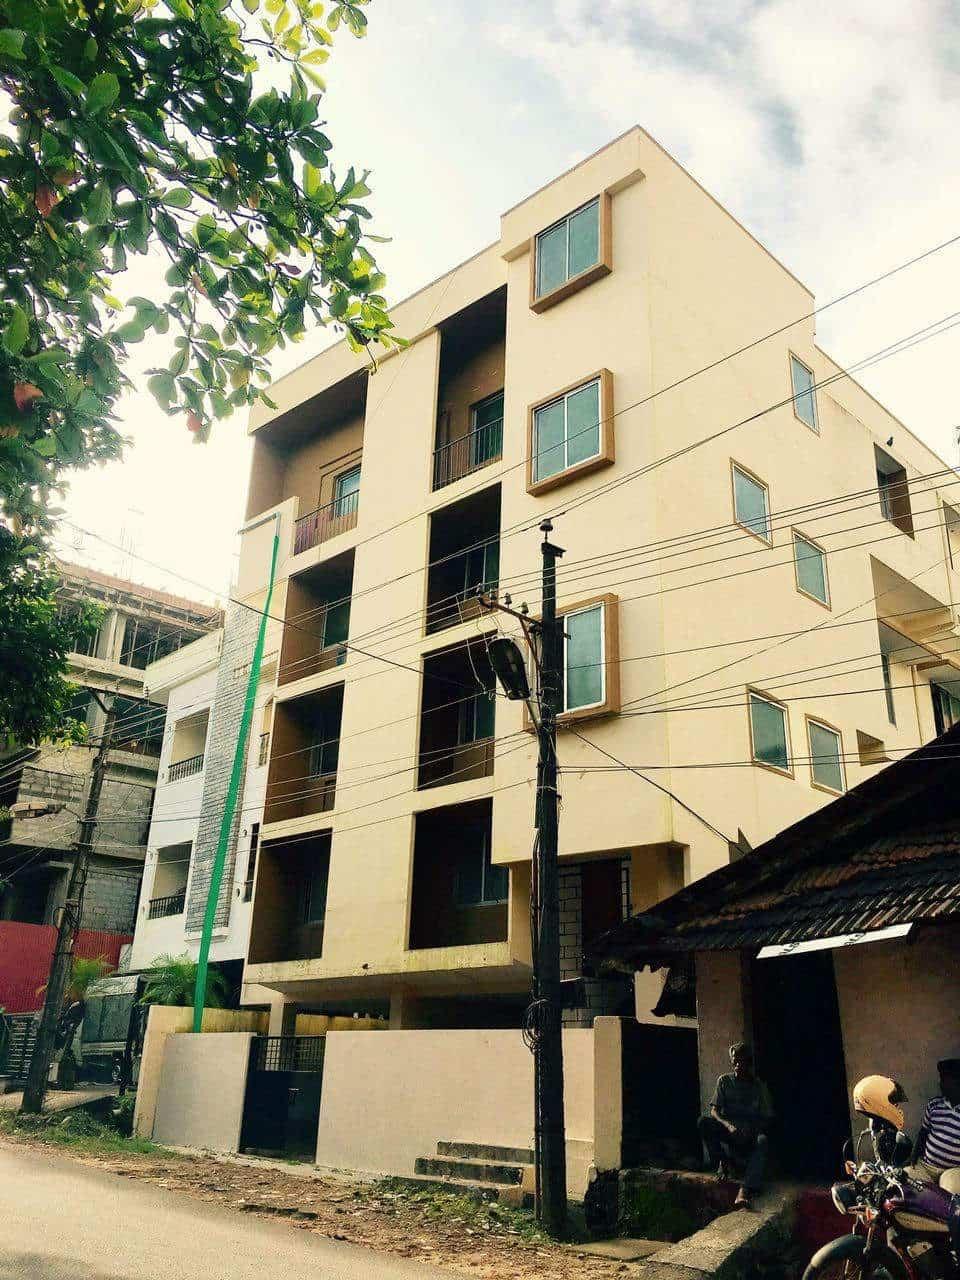 Royal Hut Photos Bunts Hostel Road Mangalore Pictures Images